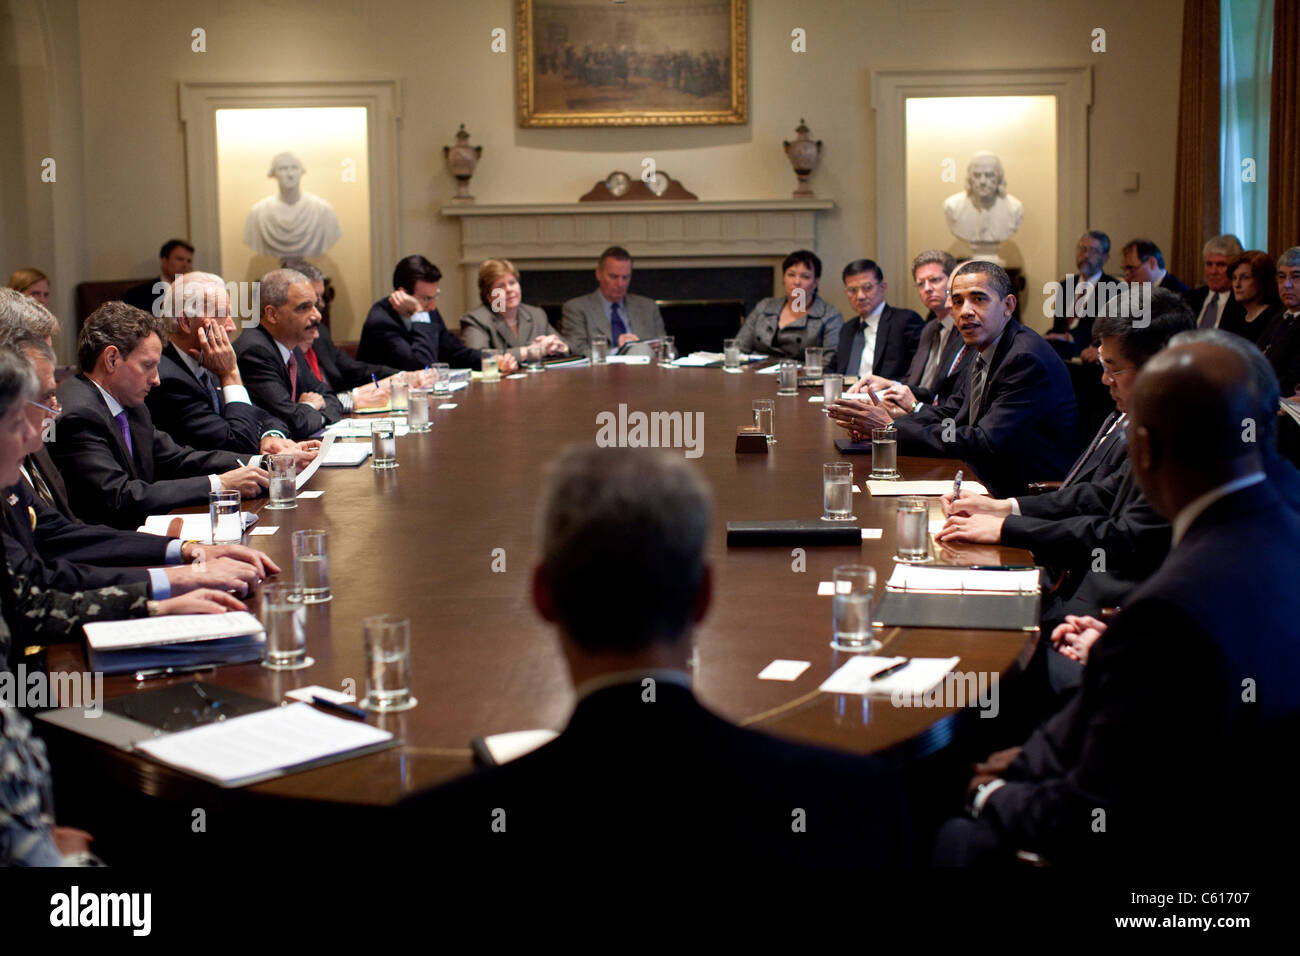 Präsident Obama trifft sich mit Mitgliedern seines Kabinetts im Weißen Haus. 20. April 2009. (BSWH_2011 Stockbild